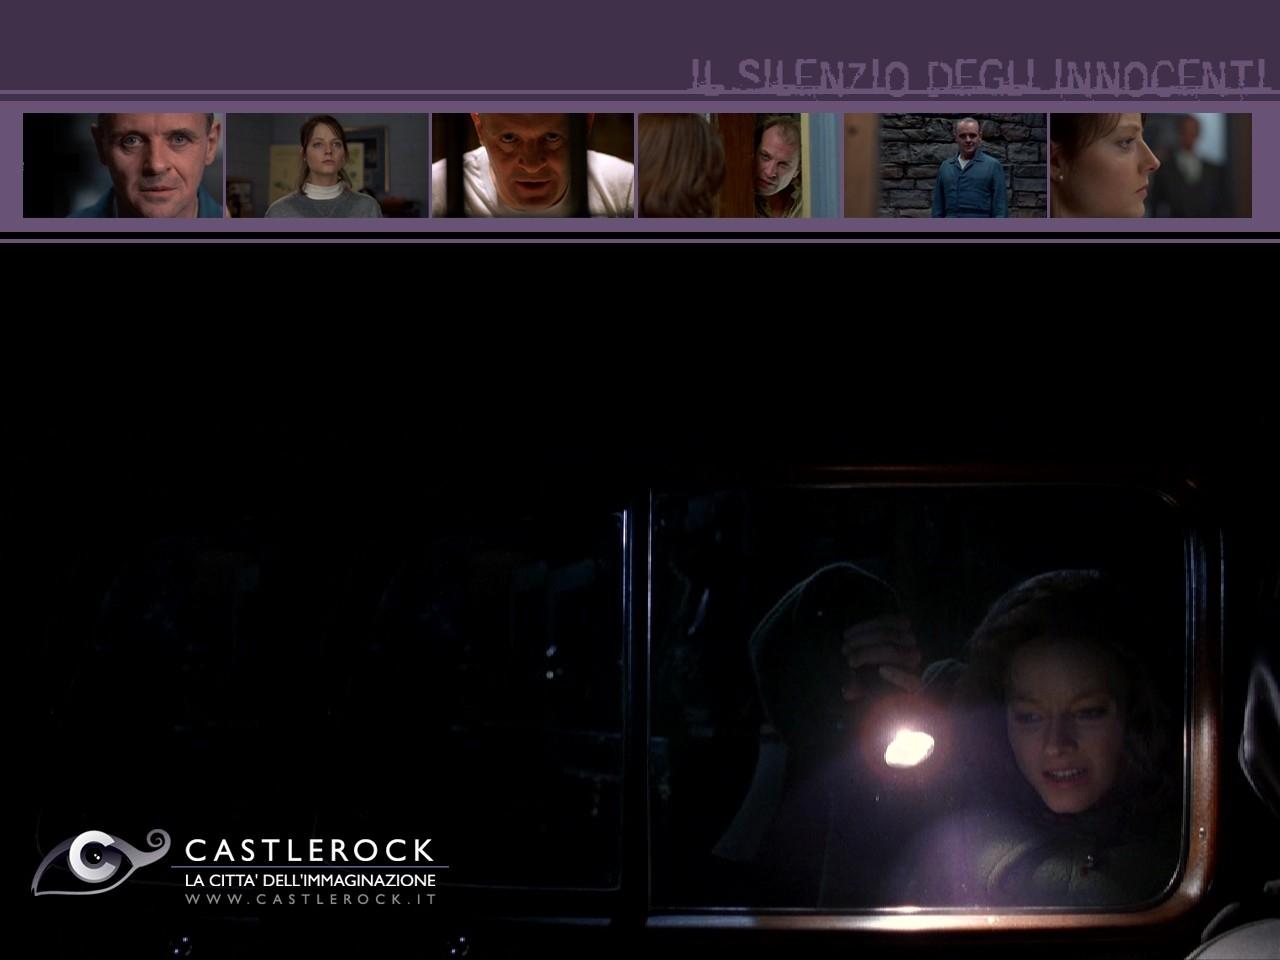 Wallpaper del film Il silenzio degli innocenti con Jodie Foster